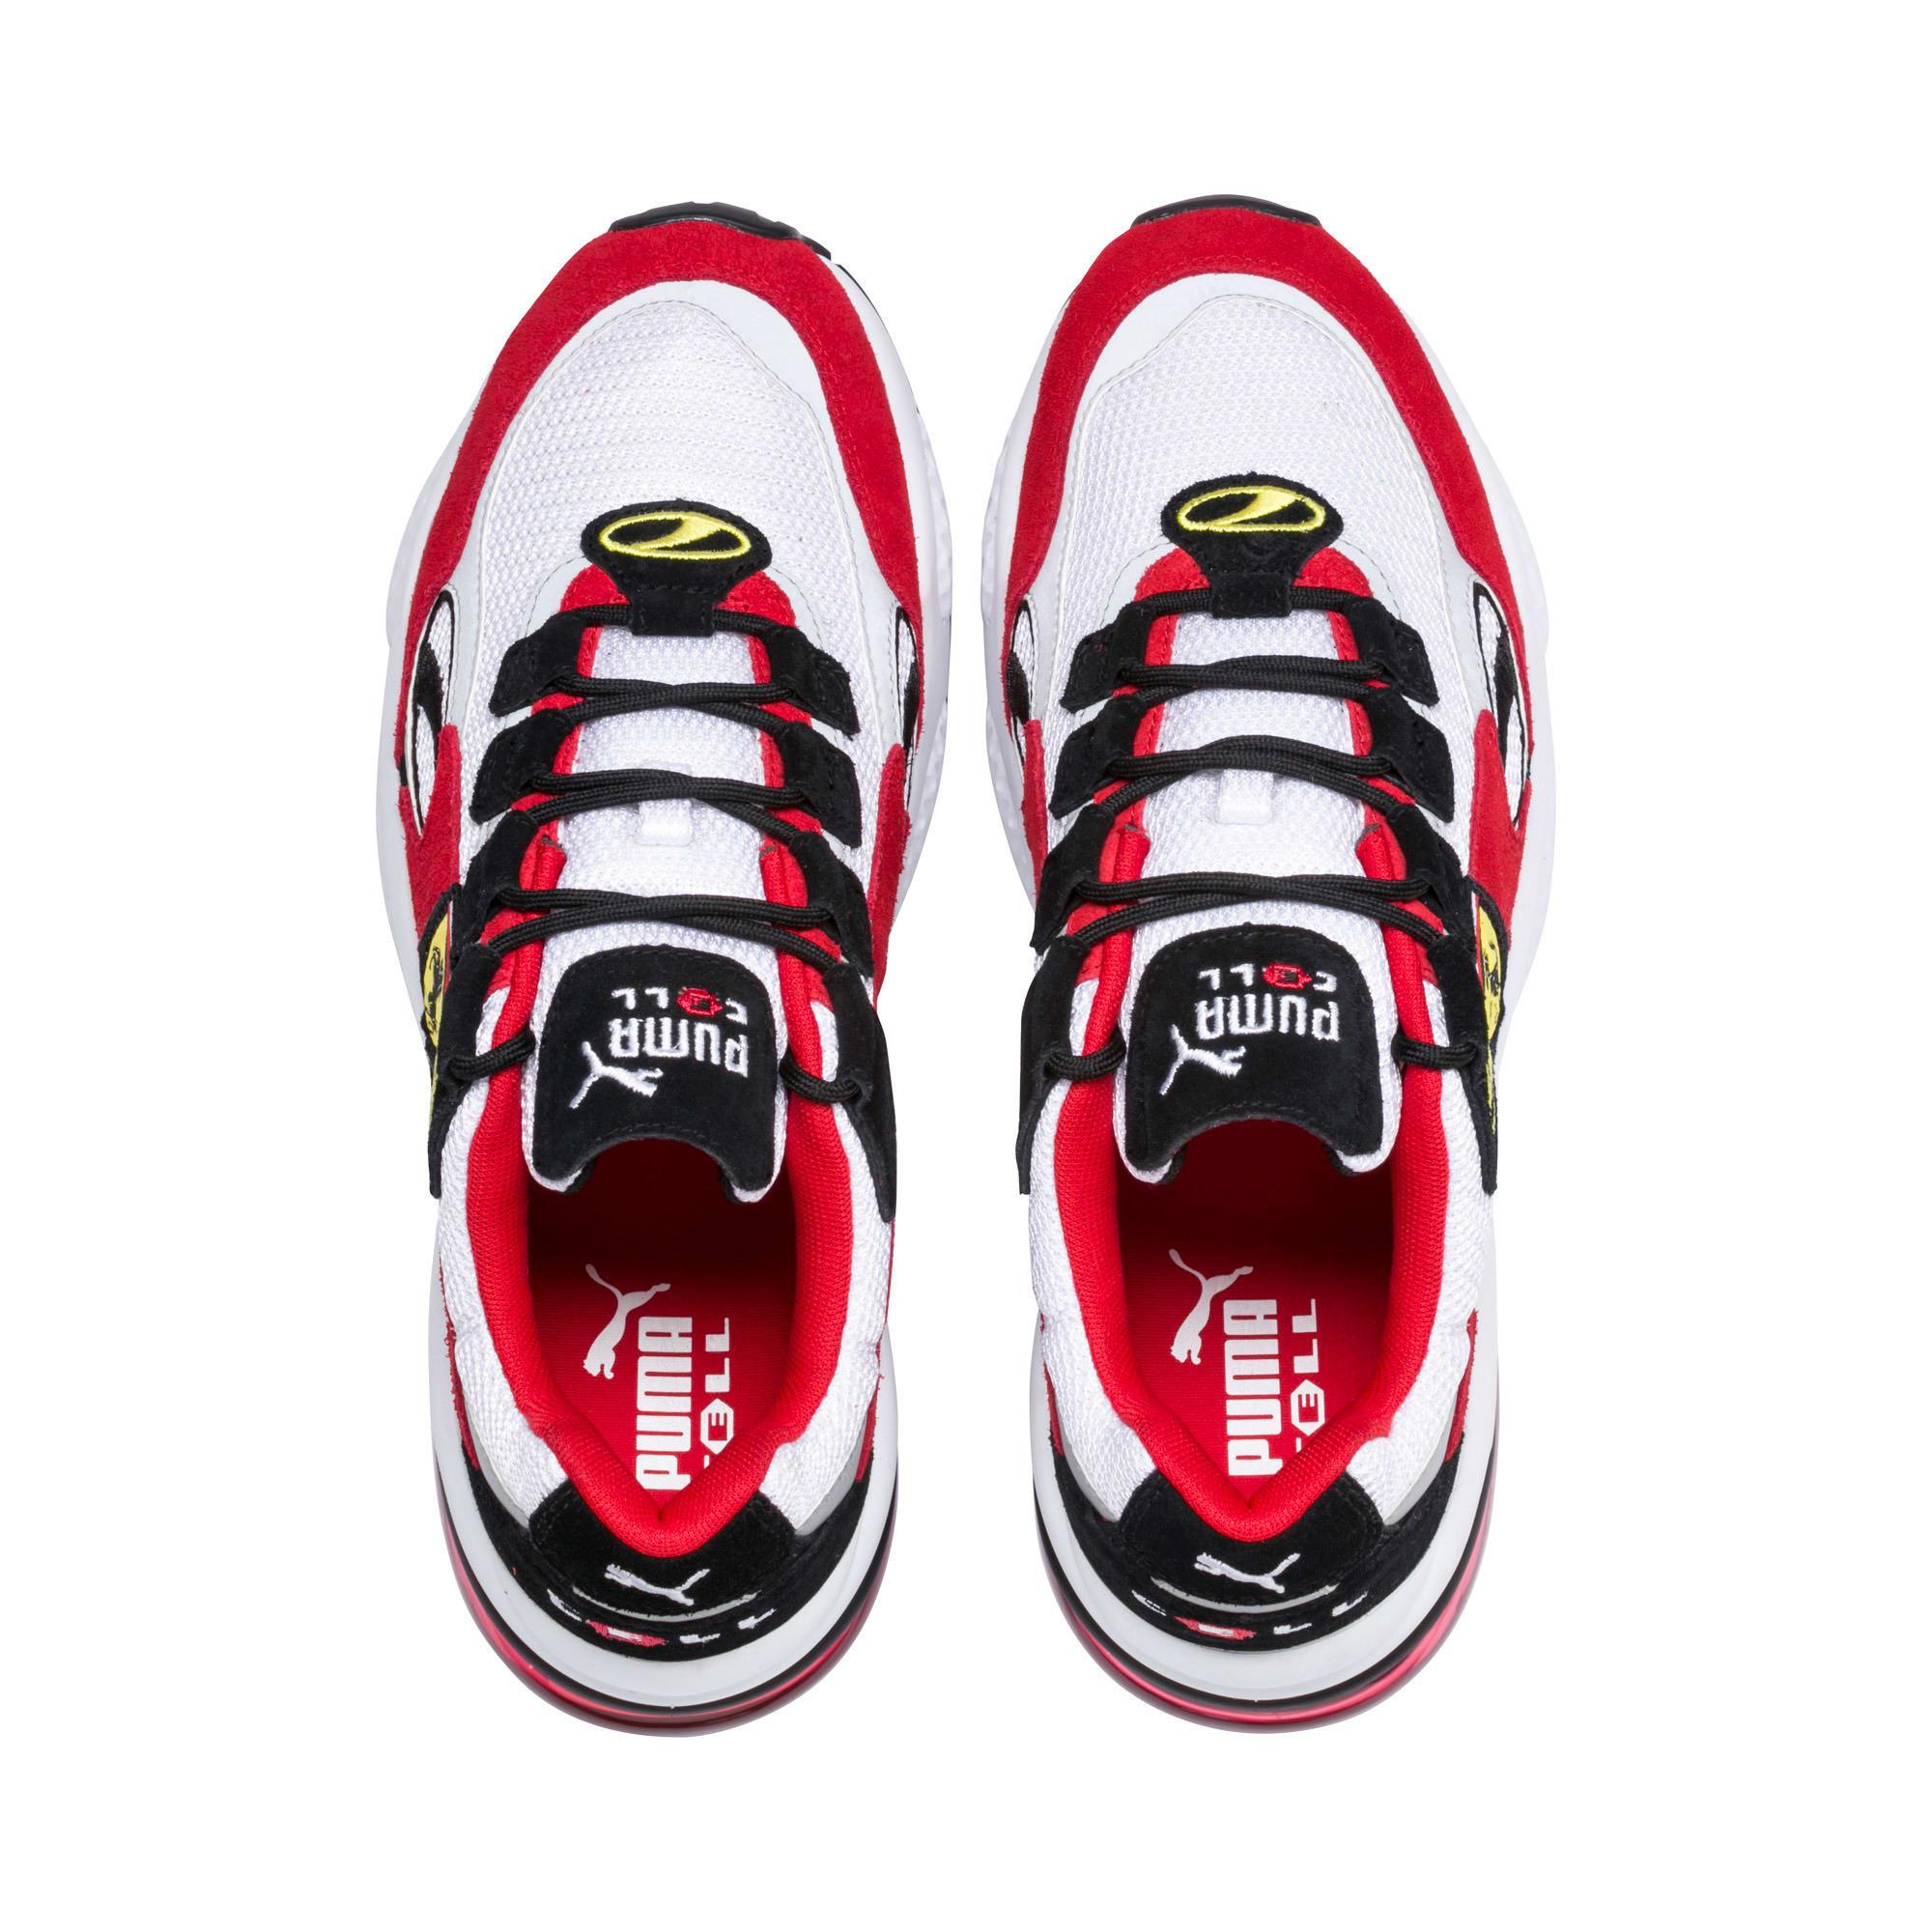 Thumbnail 6 of Scuderia Ferrari CELL Venom Sneakers, Puma White-Rosso Corsa, medium